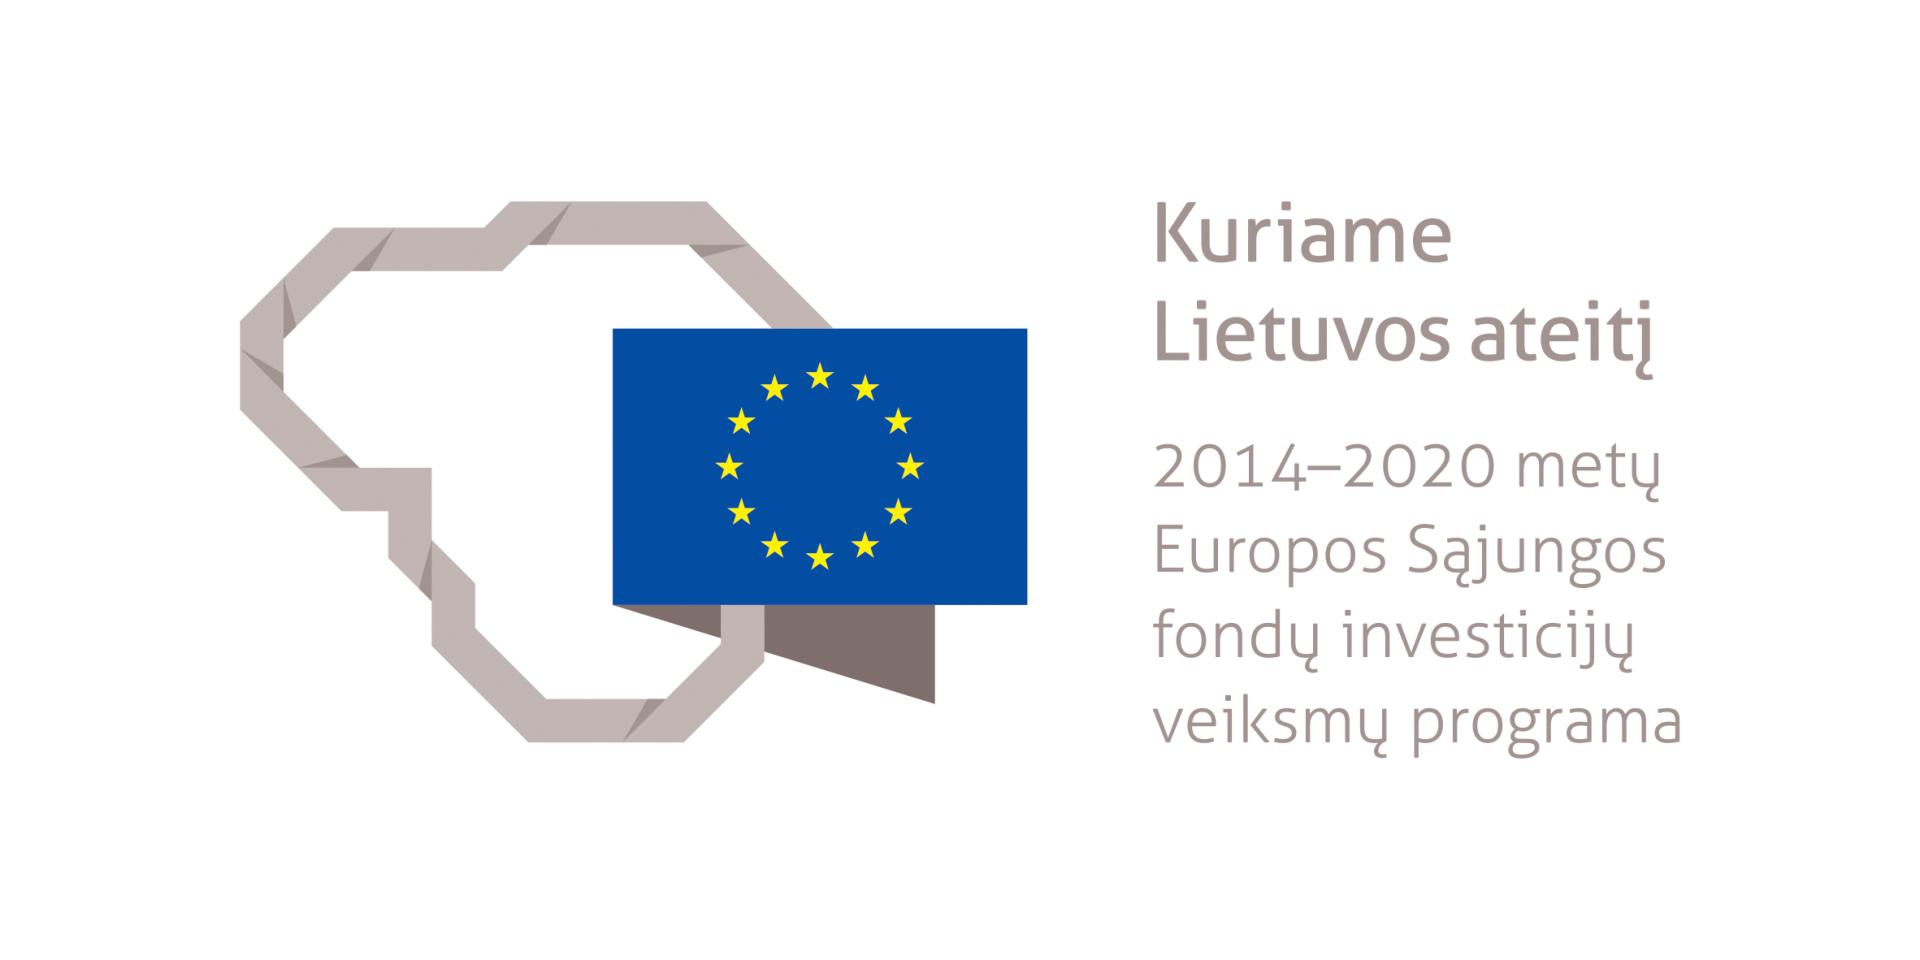 Viešosios konsultacijos dėl 2021–2027 m. ES fondų investicijų programos projekto